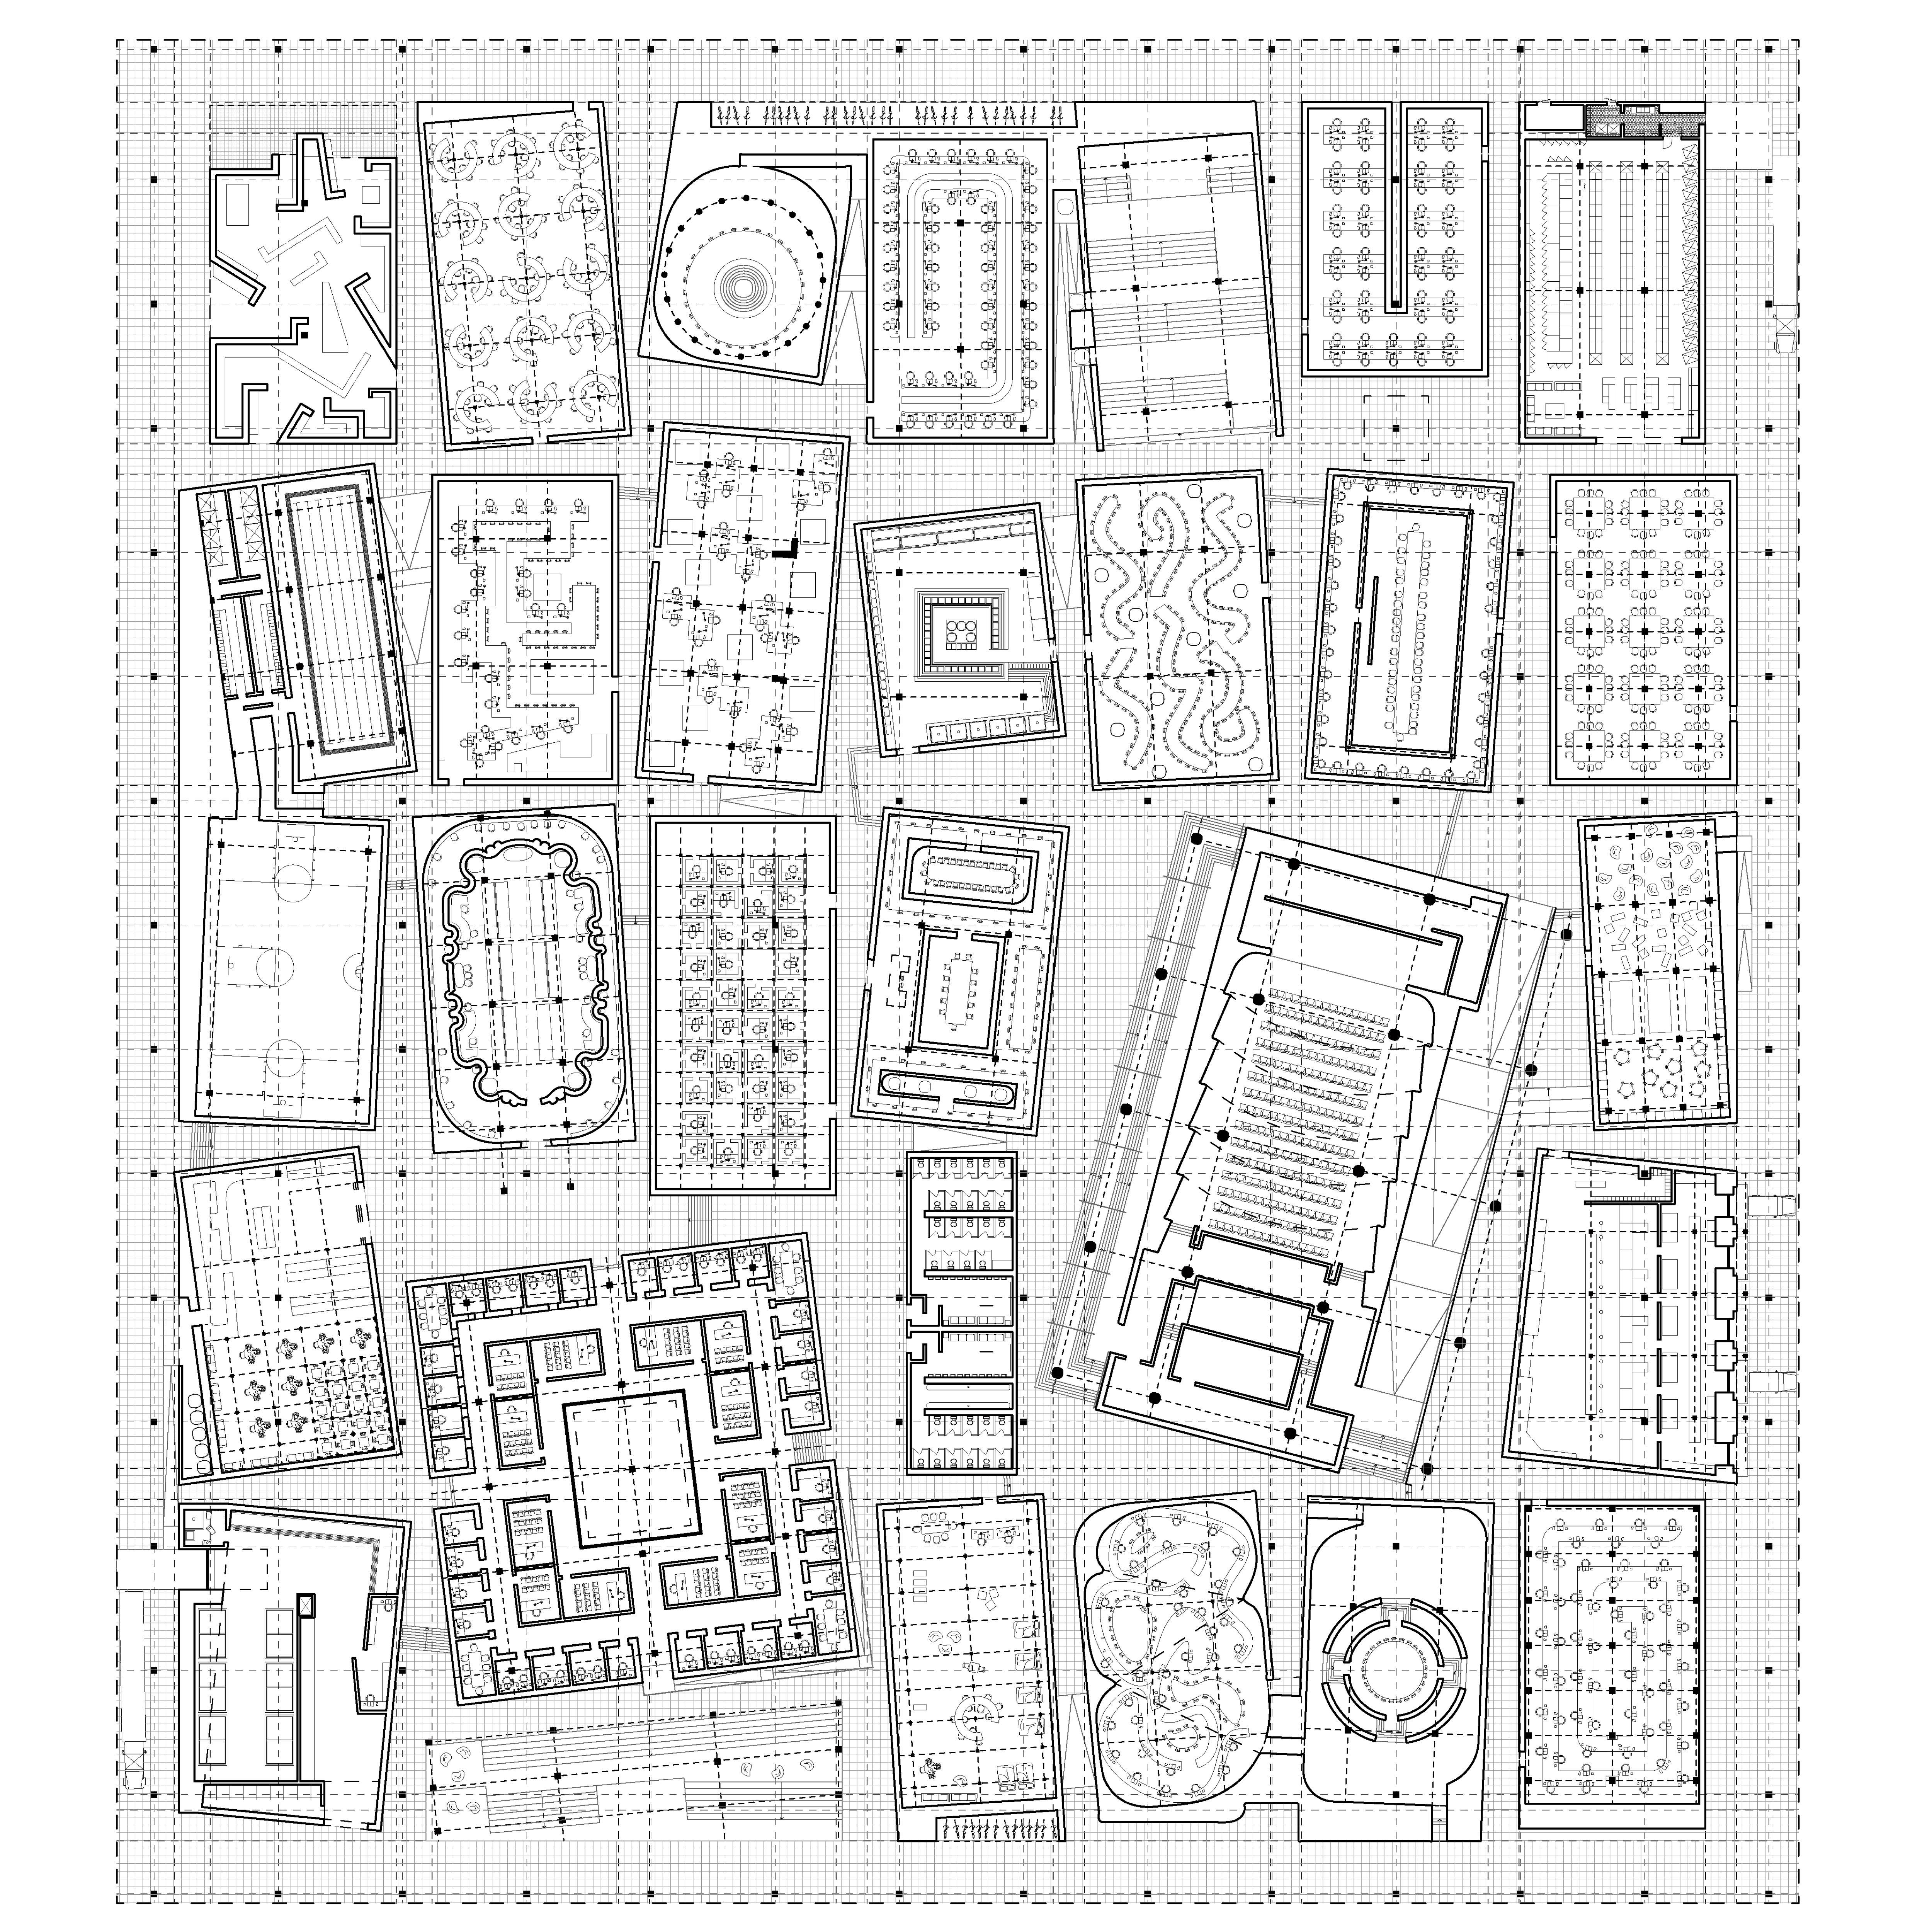 Tech plans endemic architecture